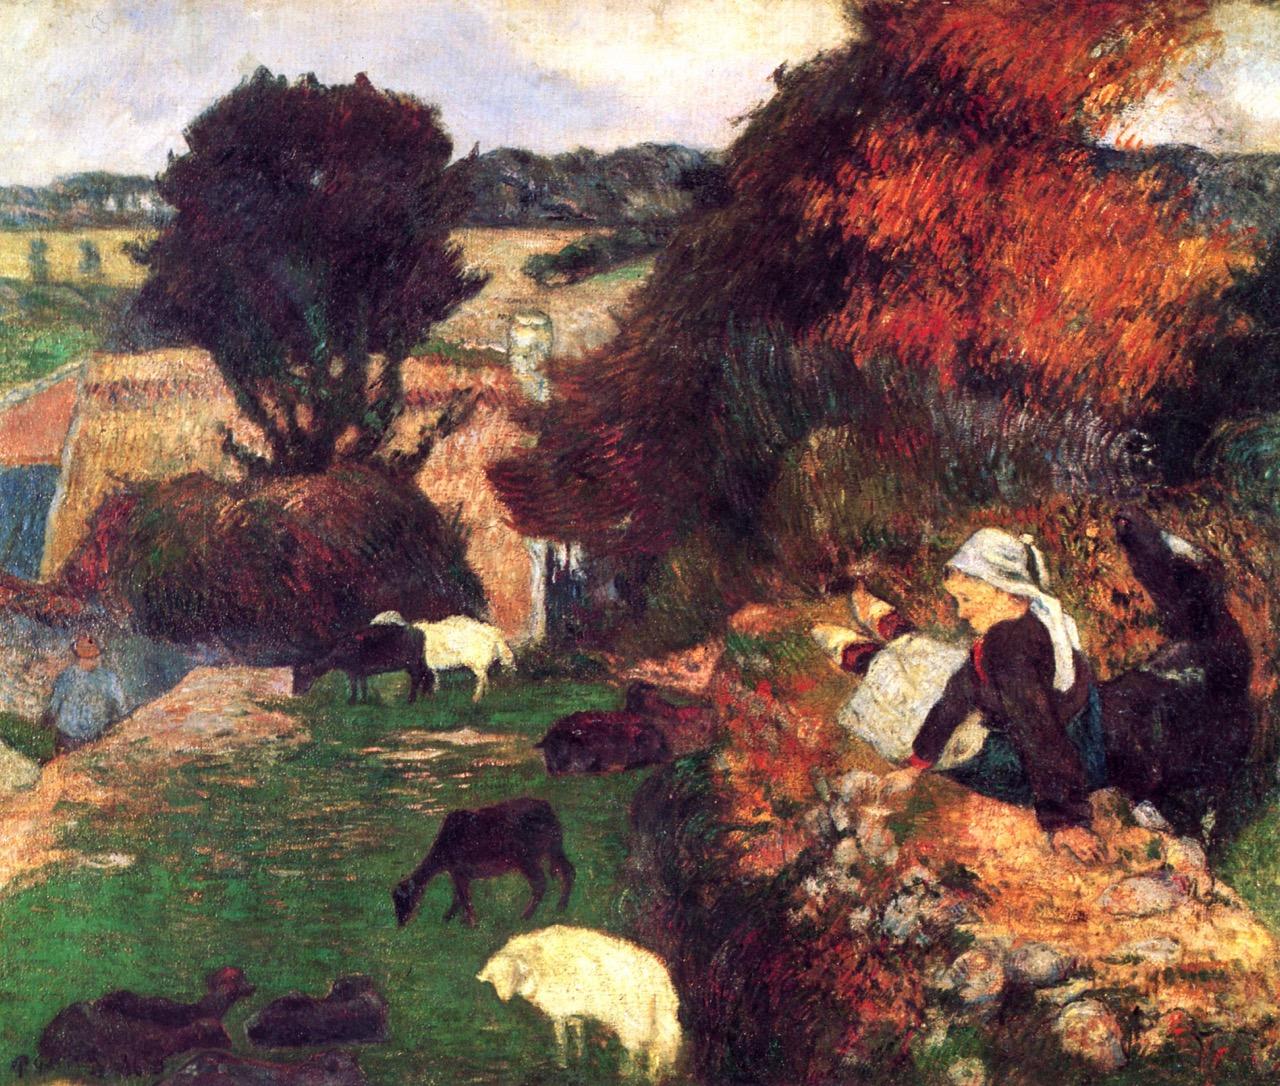 Breton_Shepherdess_2_52x61.jpg